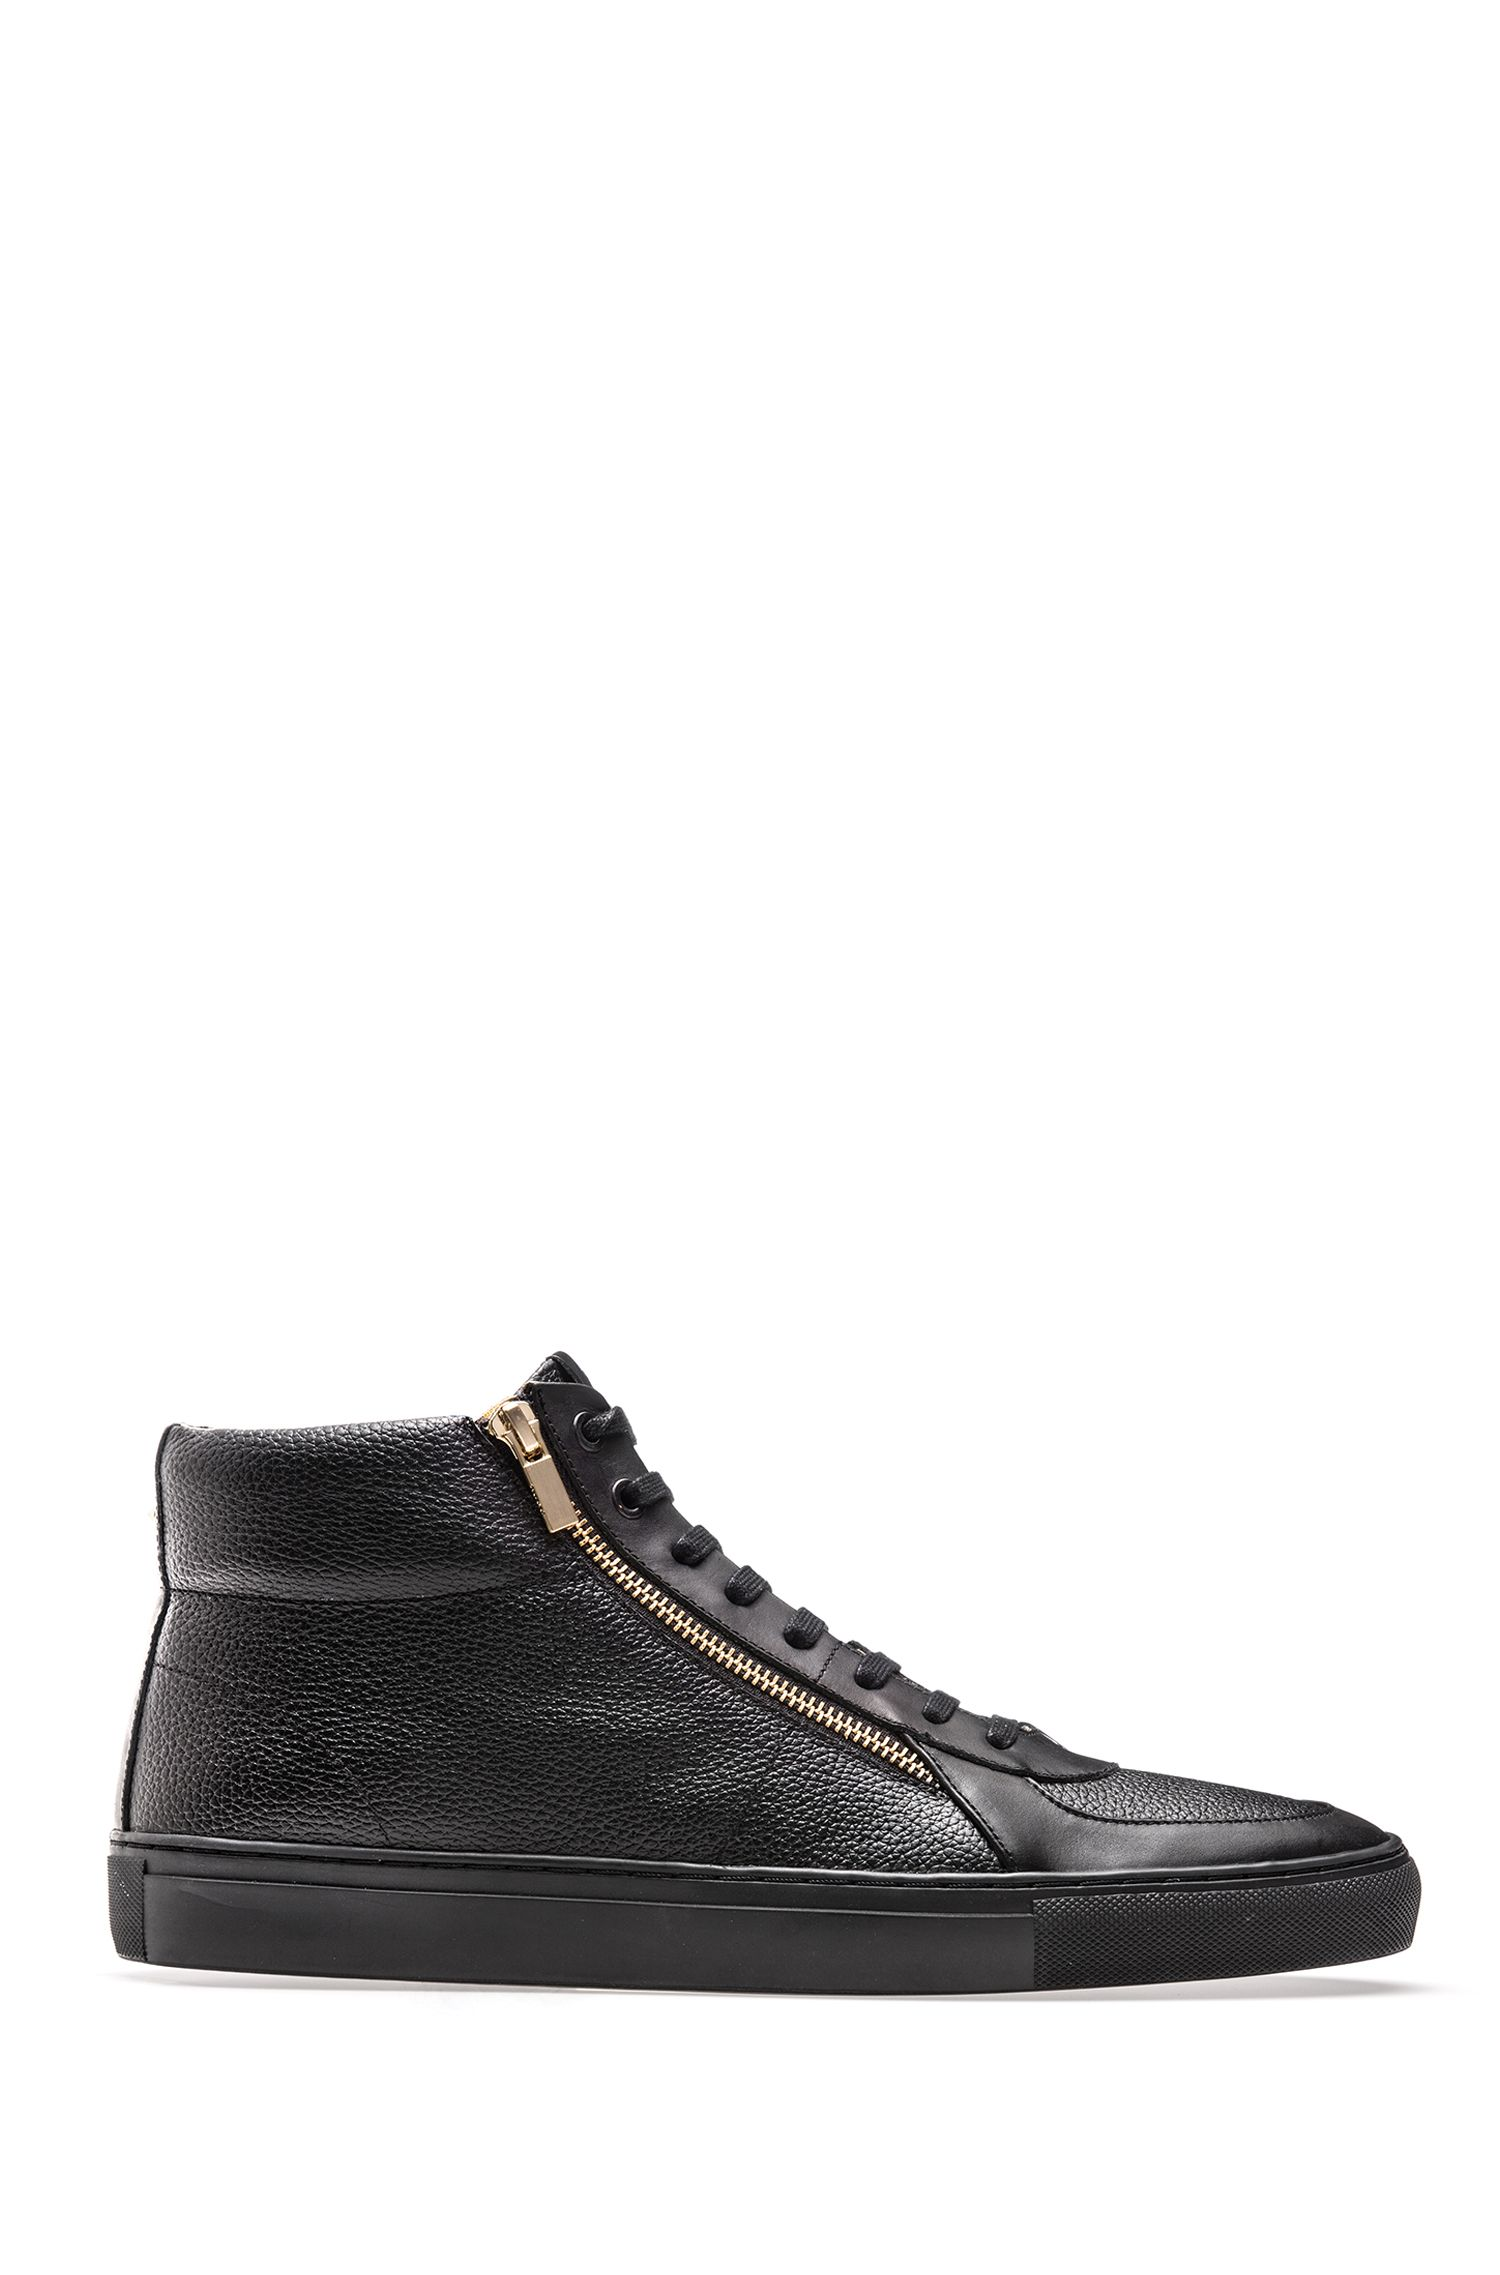 Hightop Sneakers aus gewalktem Leder und Nappaleder mit Reißverschlüssen